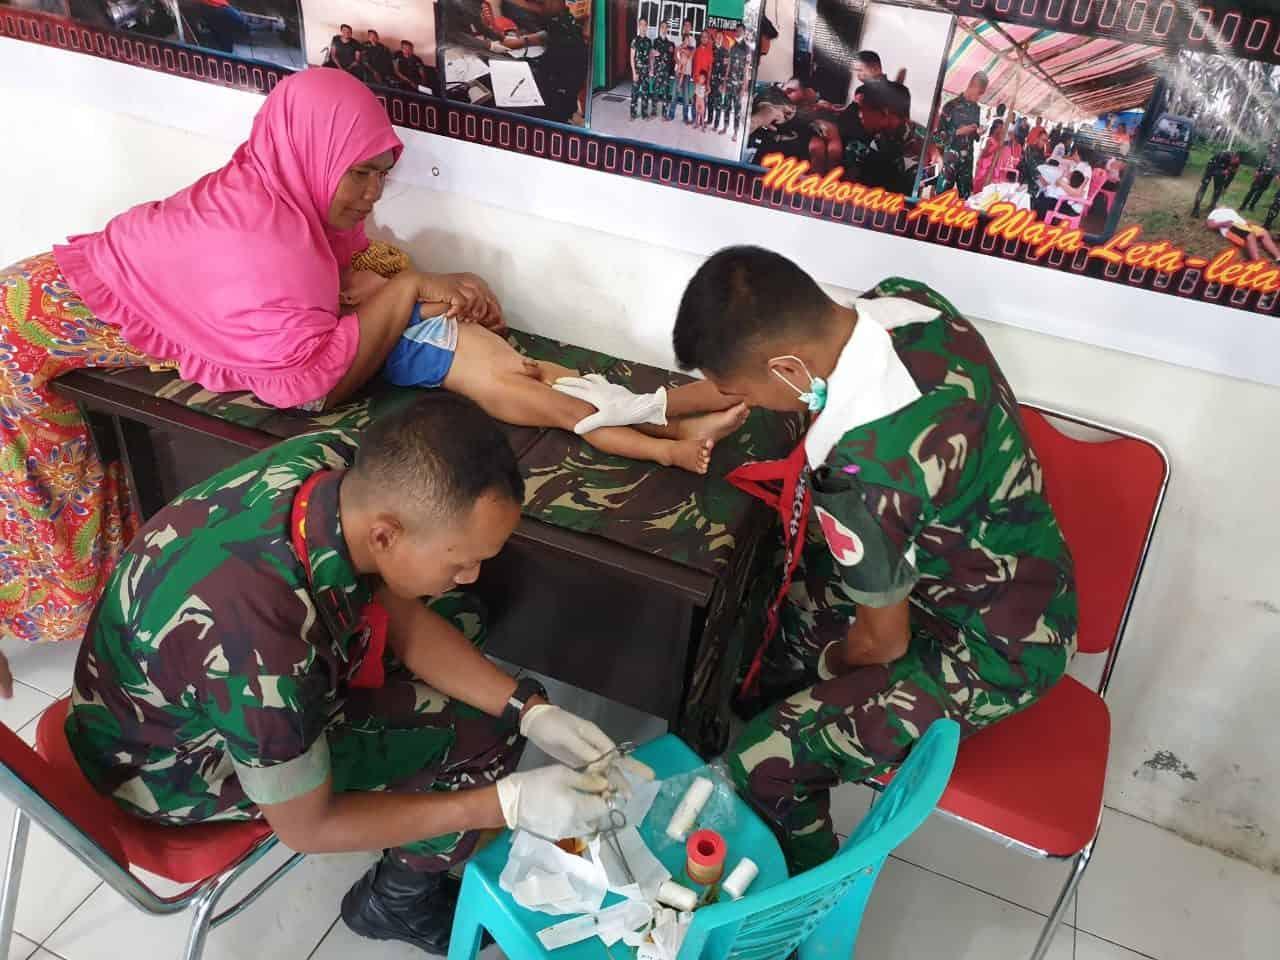 Liburan Sehat, Satgas Yonif 734 Sunat Massal 150 Anak Halmahera Utara